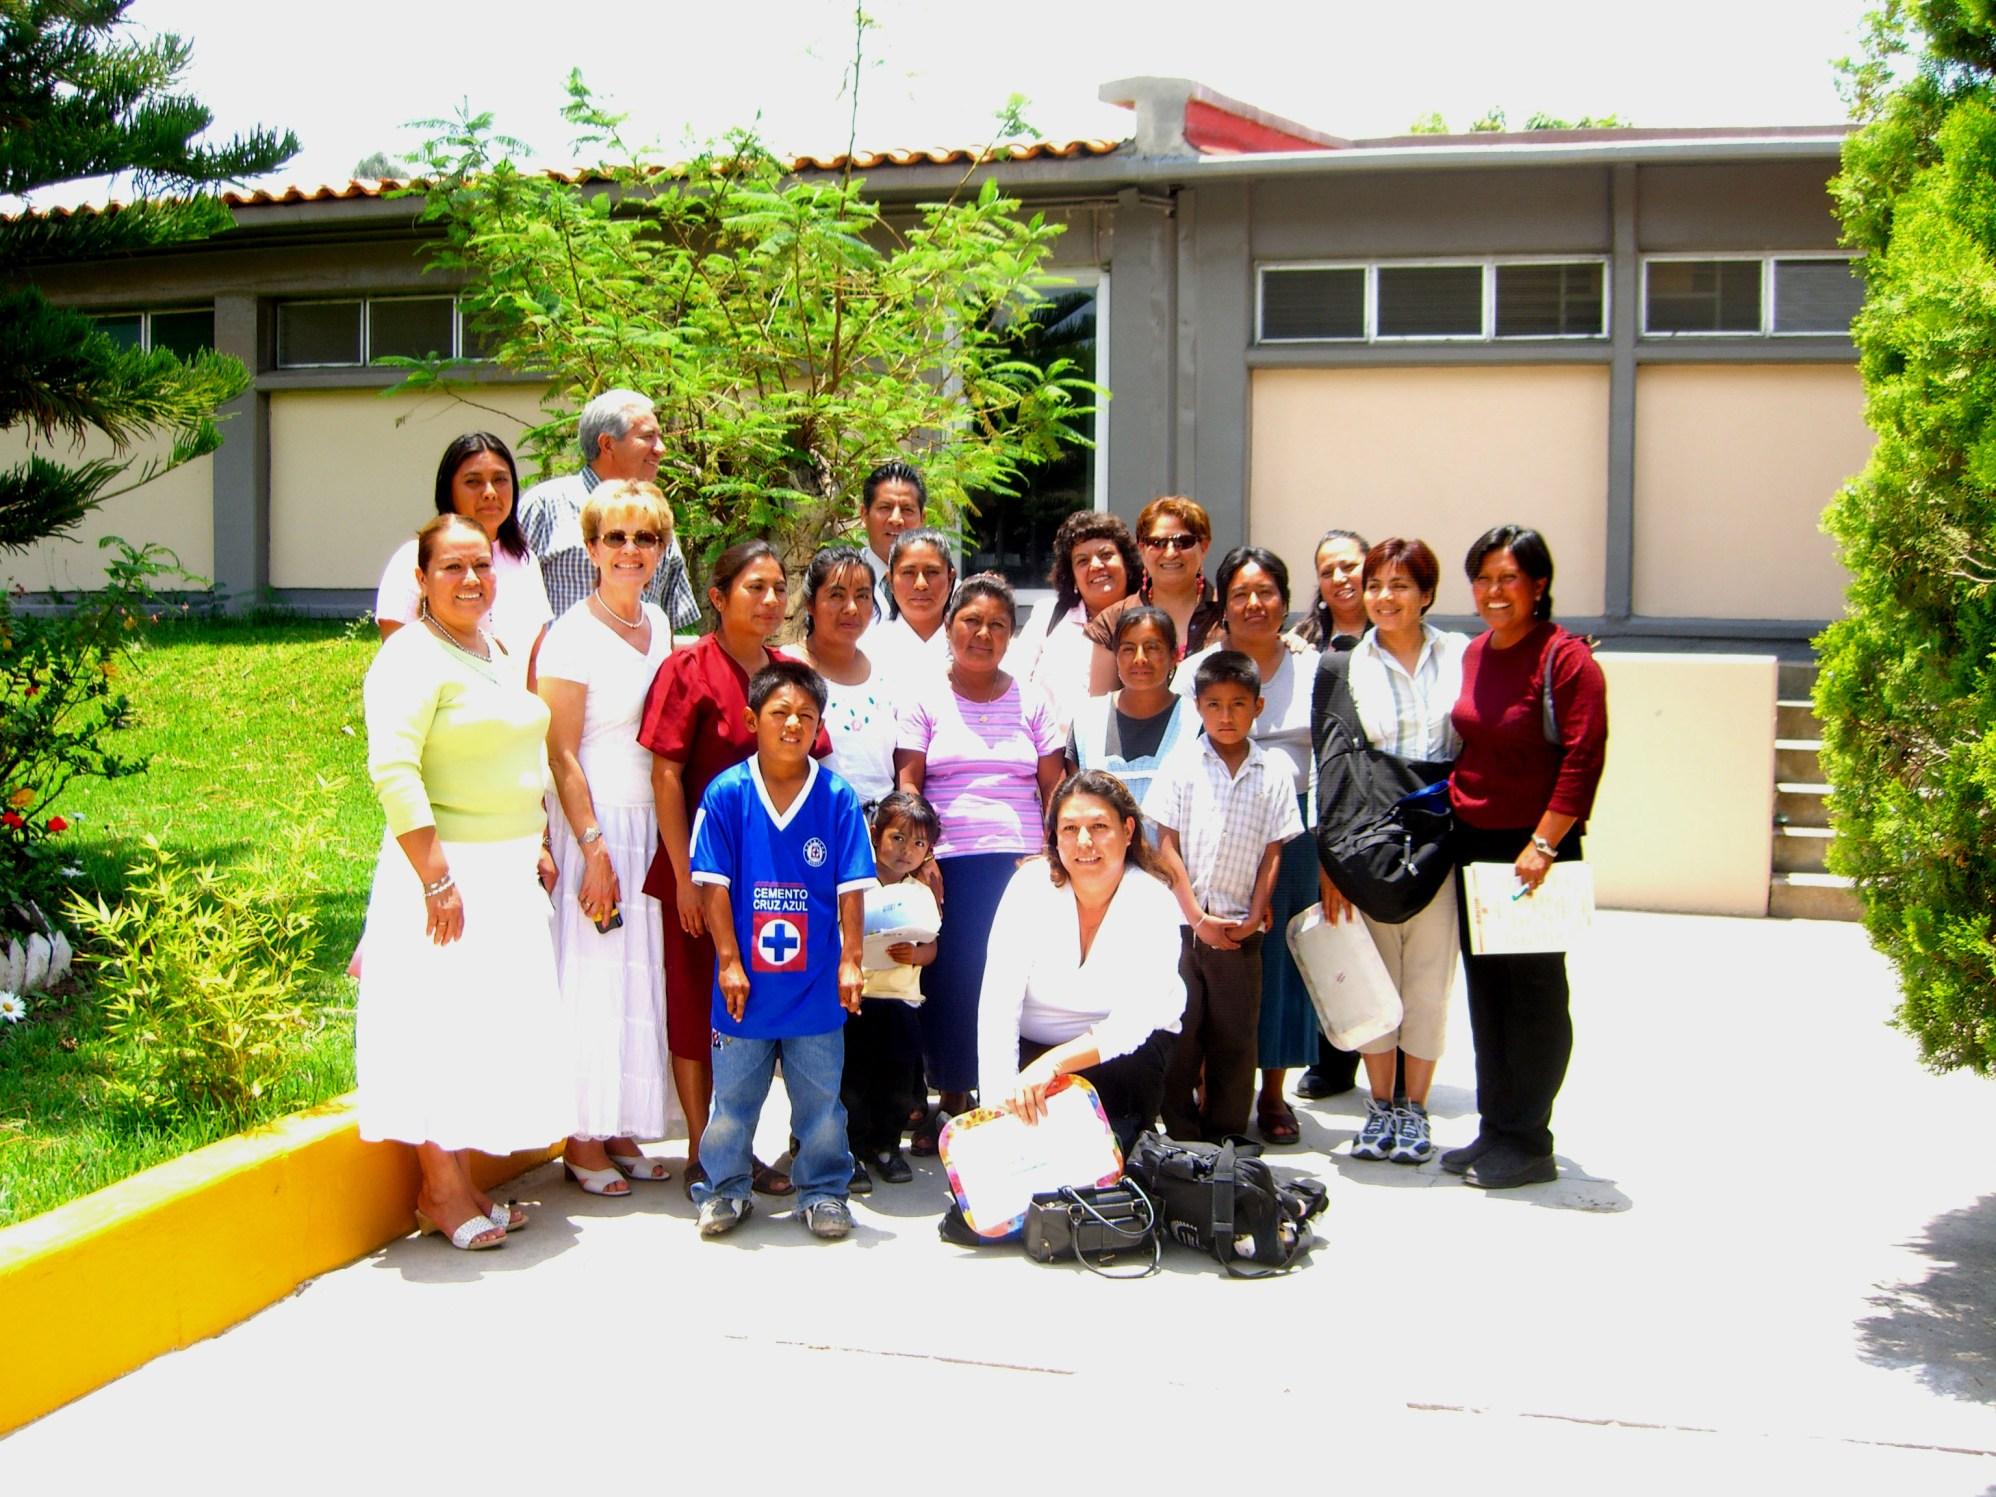 grupo en hospital Tlacolula Oaxaca 2006 062